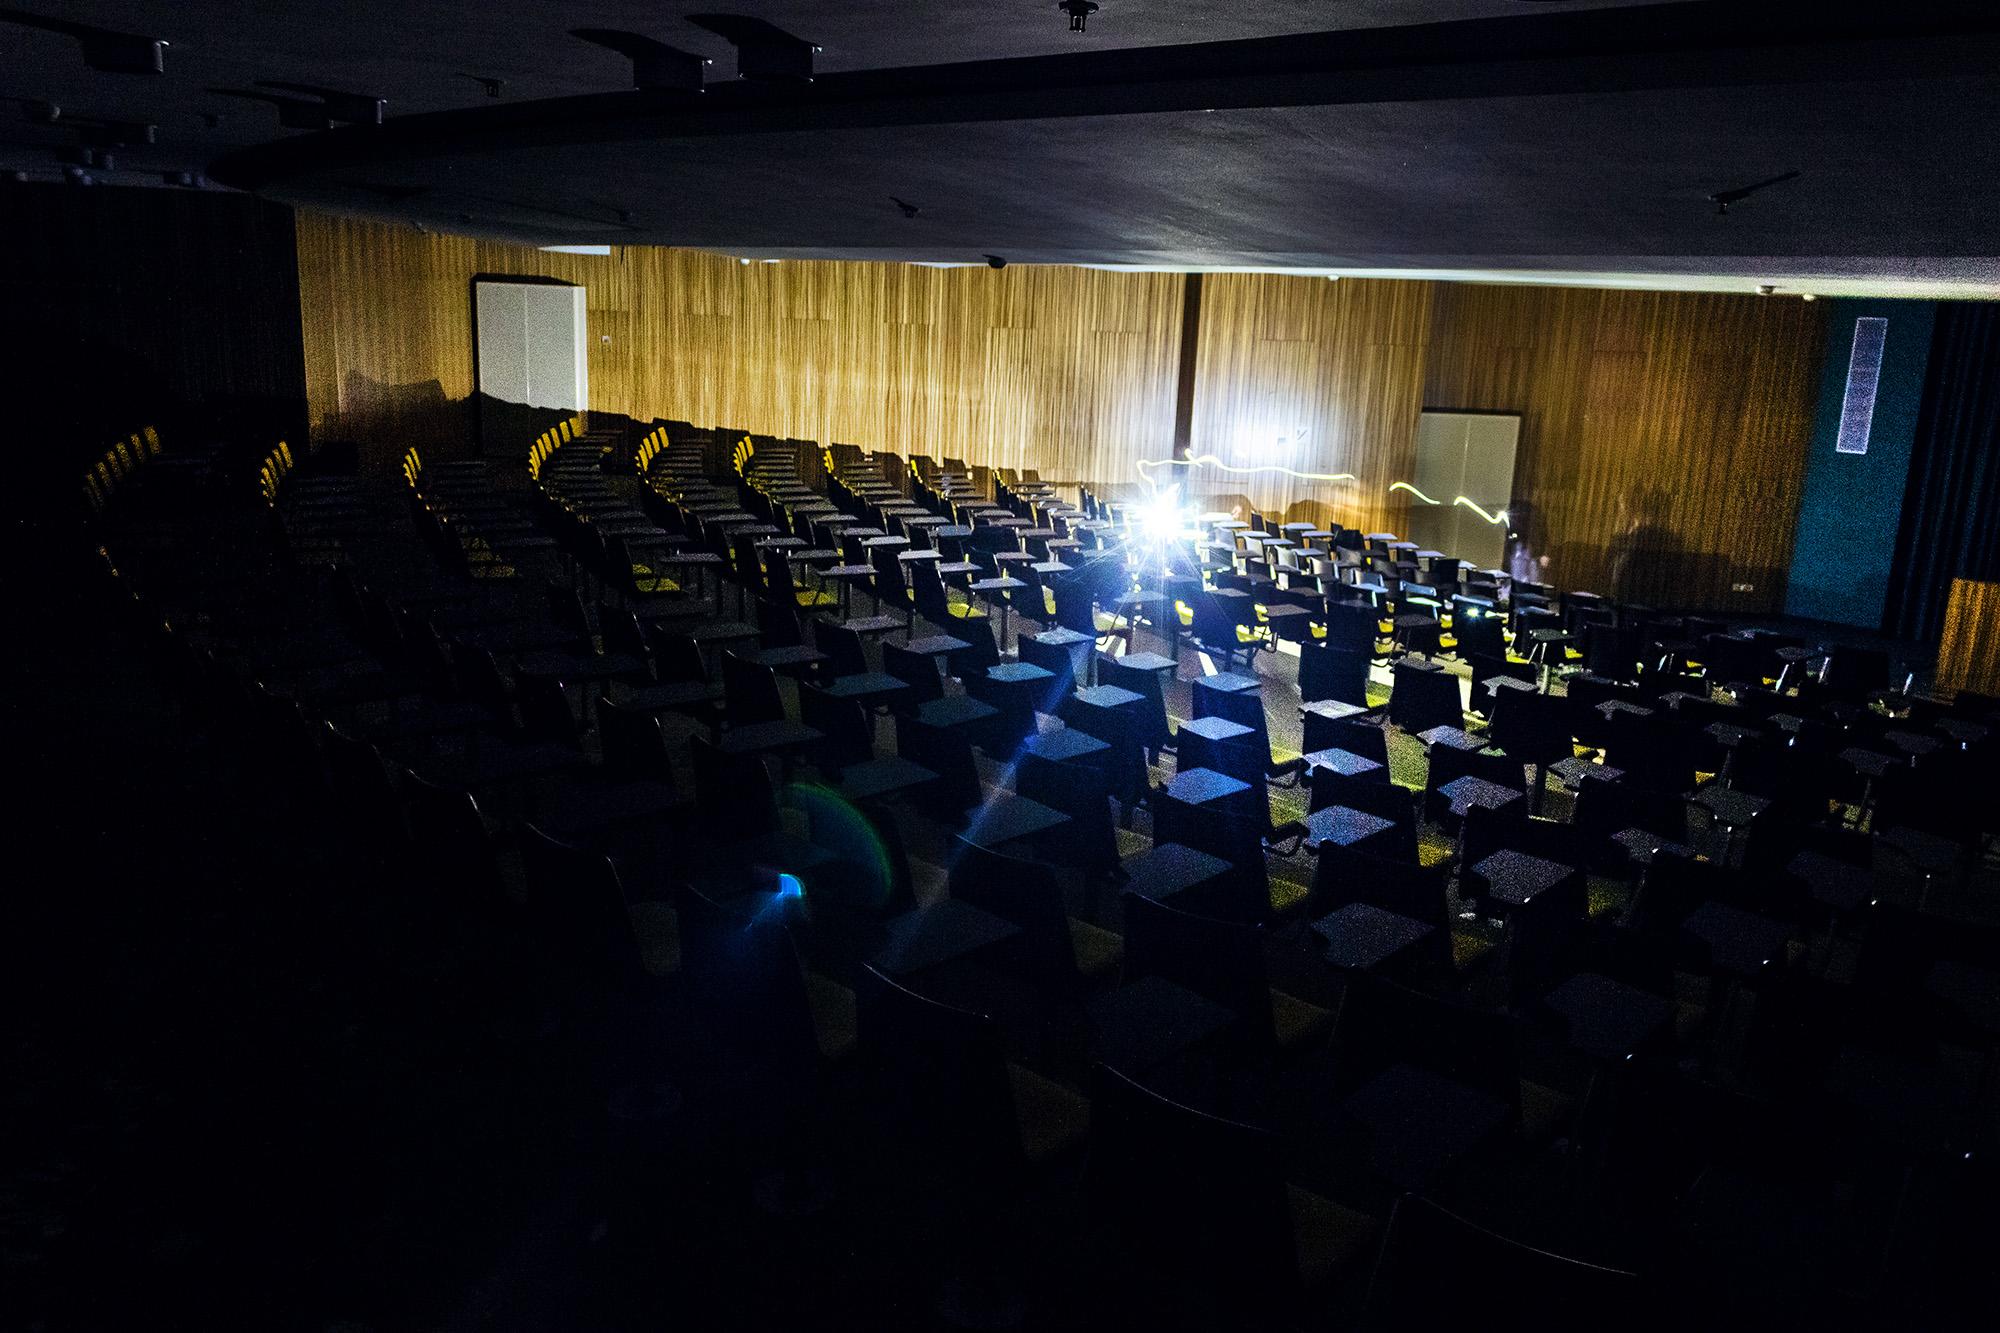 Grosser Konferenzraum 3 , Vitopia Offenbach , Baustelle Offenbach , KWU-Areal , Leerstand , Ghost Tower , Siemens , Framatom , Lost Places , Urban Exploring , Energie , Kernkraftsparte